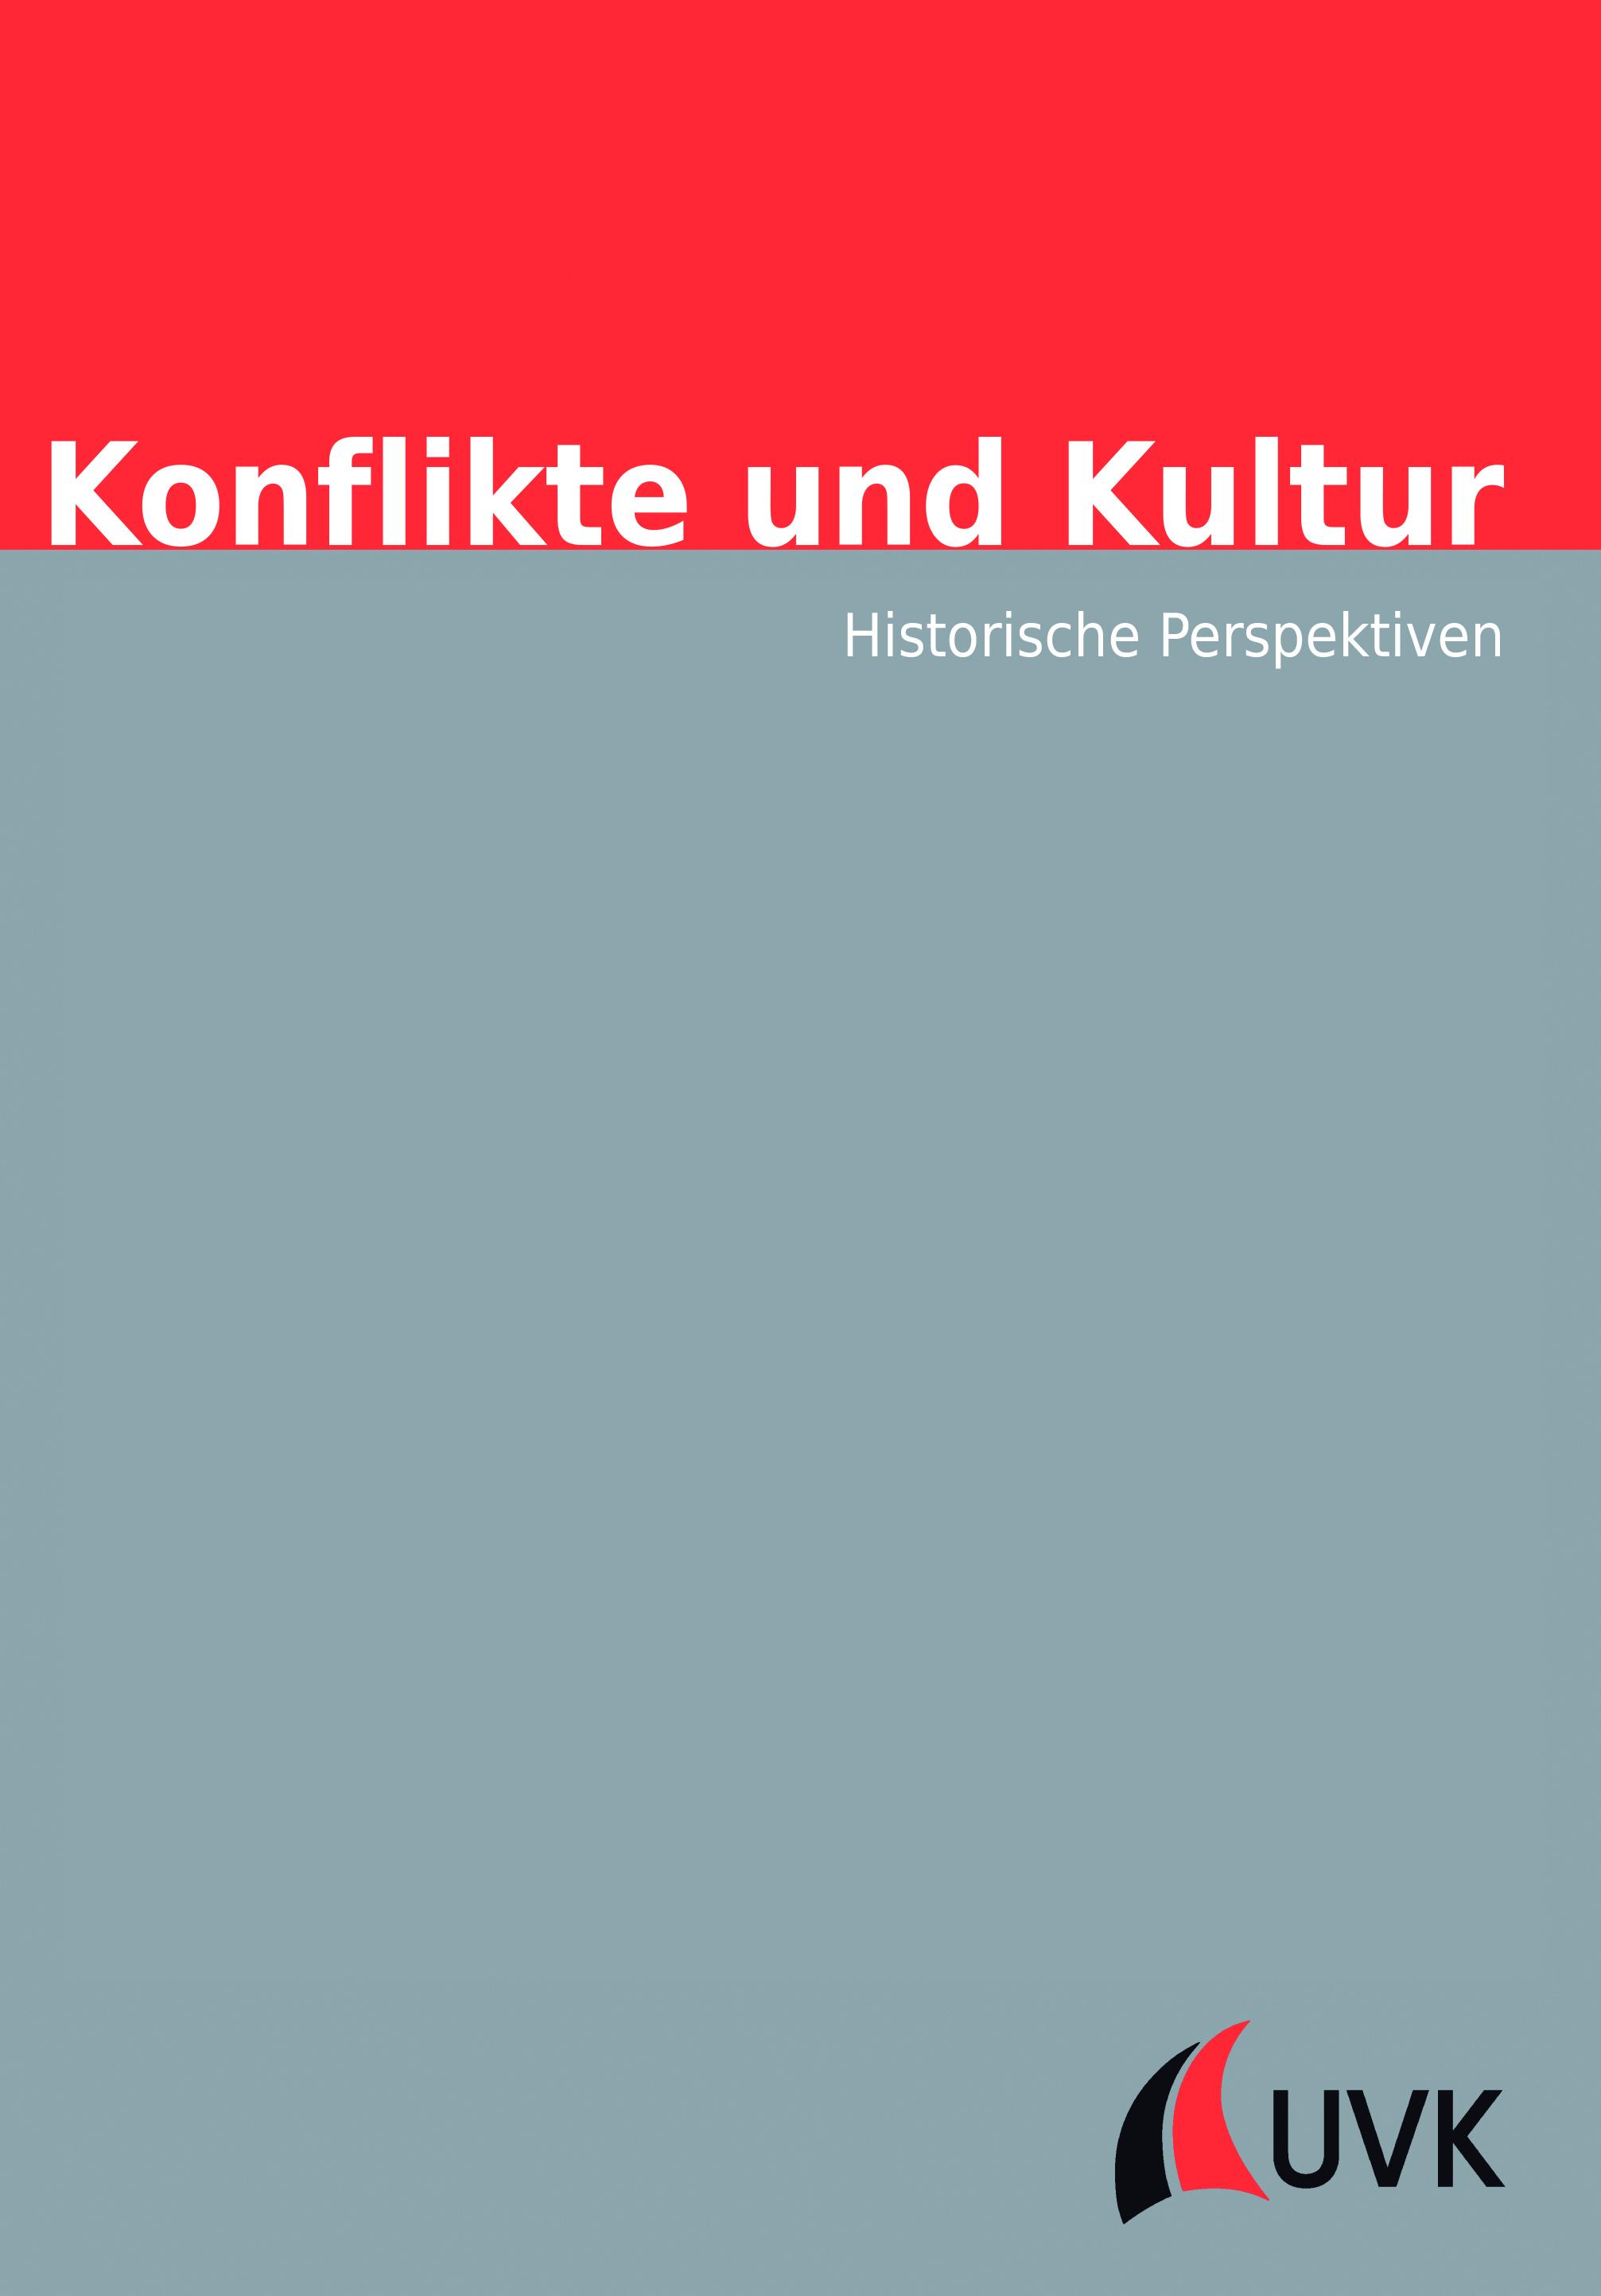 Konflikte und Kultur – Historische Perspektiven